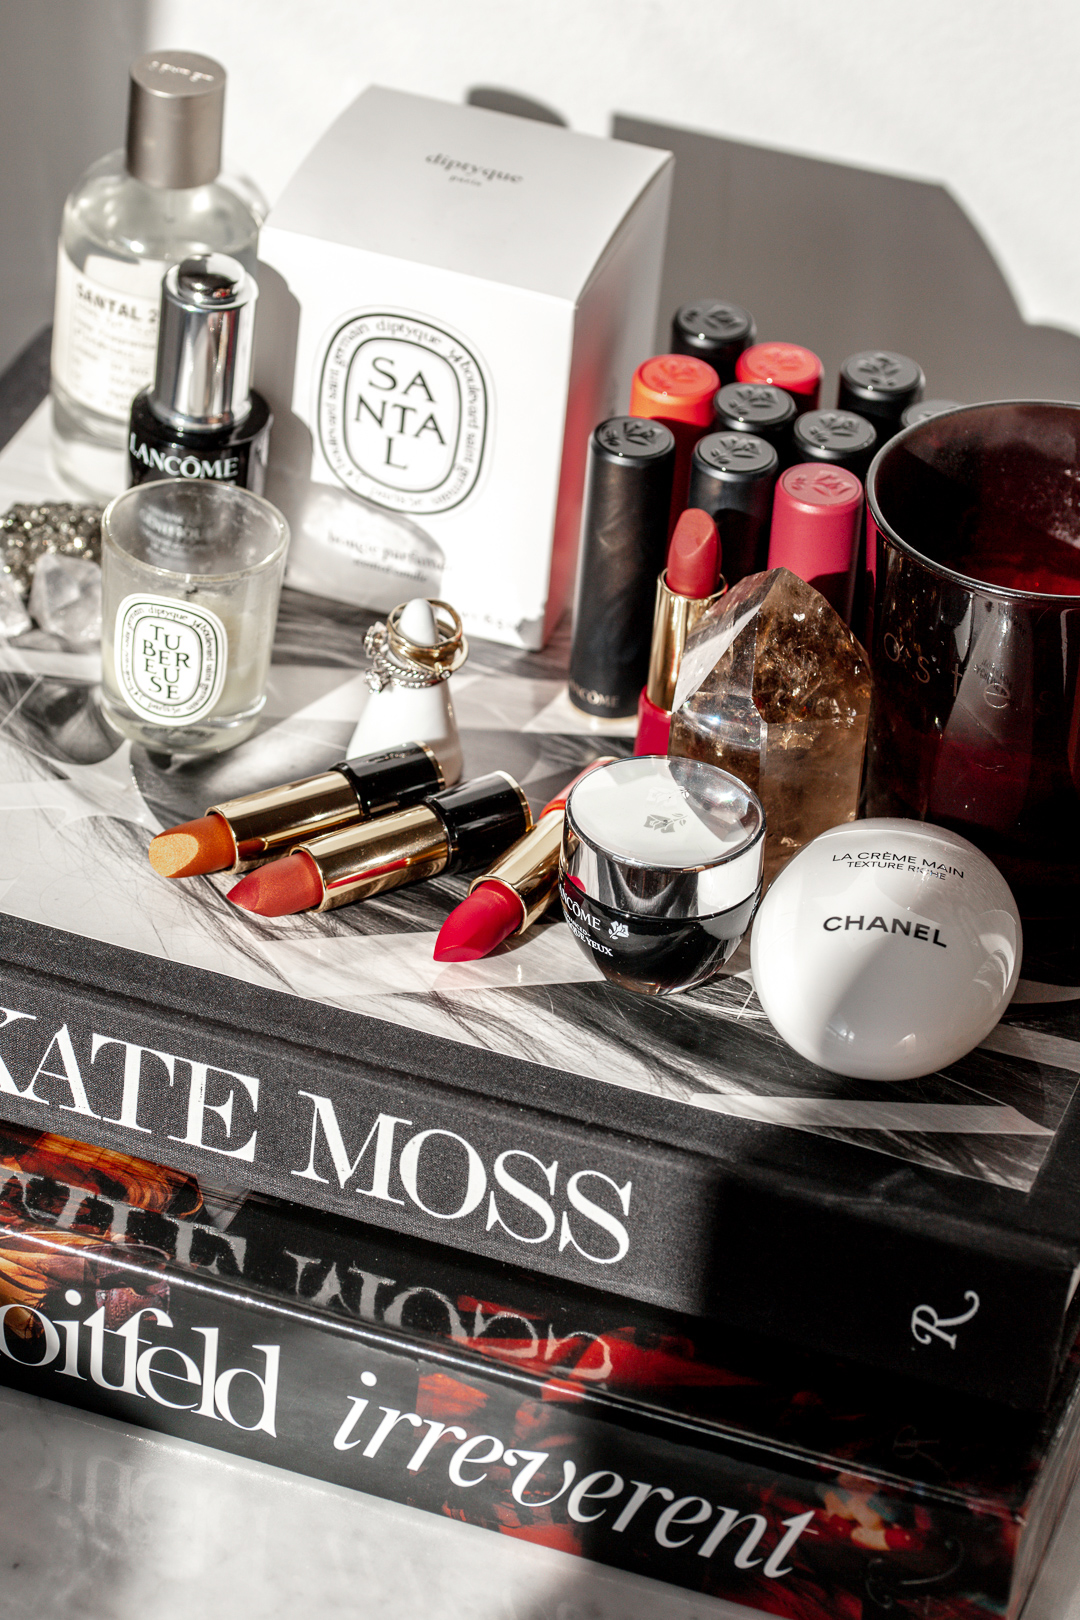 PINTEREST @woahstyle - Lancome L'Absolu Rouge Drama Matte Lipstick - beauty lipstick blog - LIPSICK.ME_6200.jpg